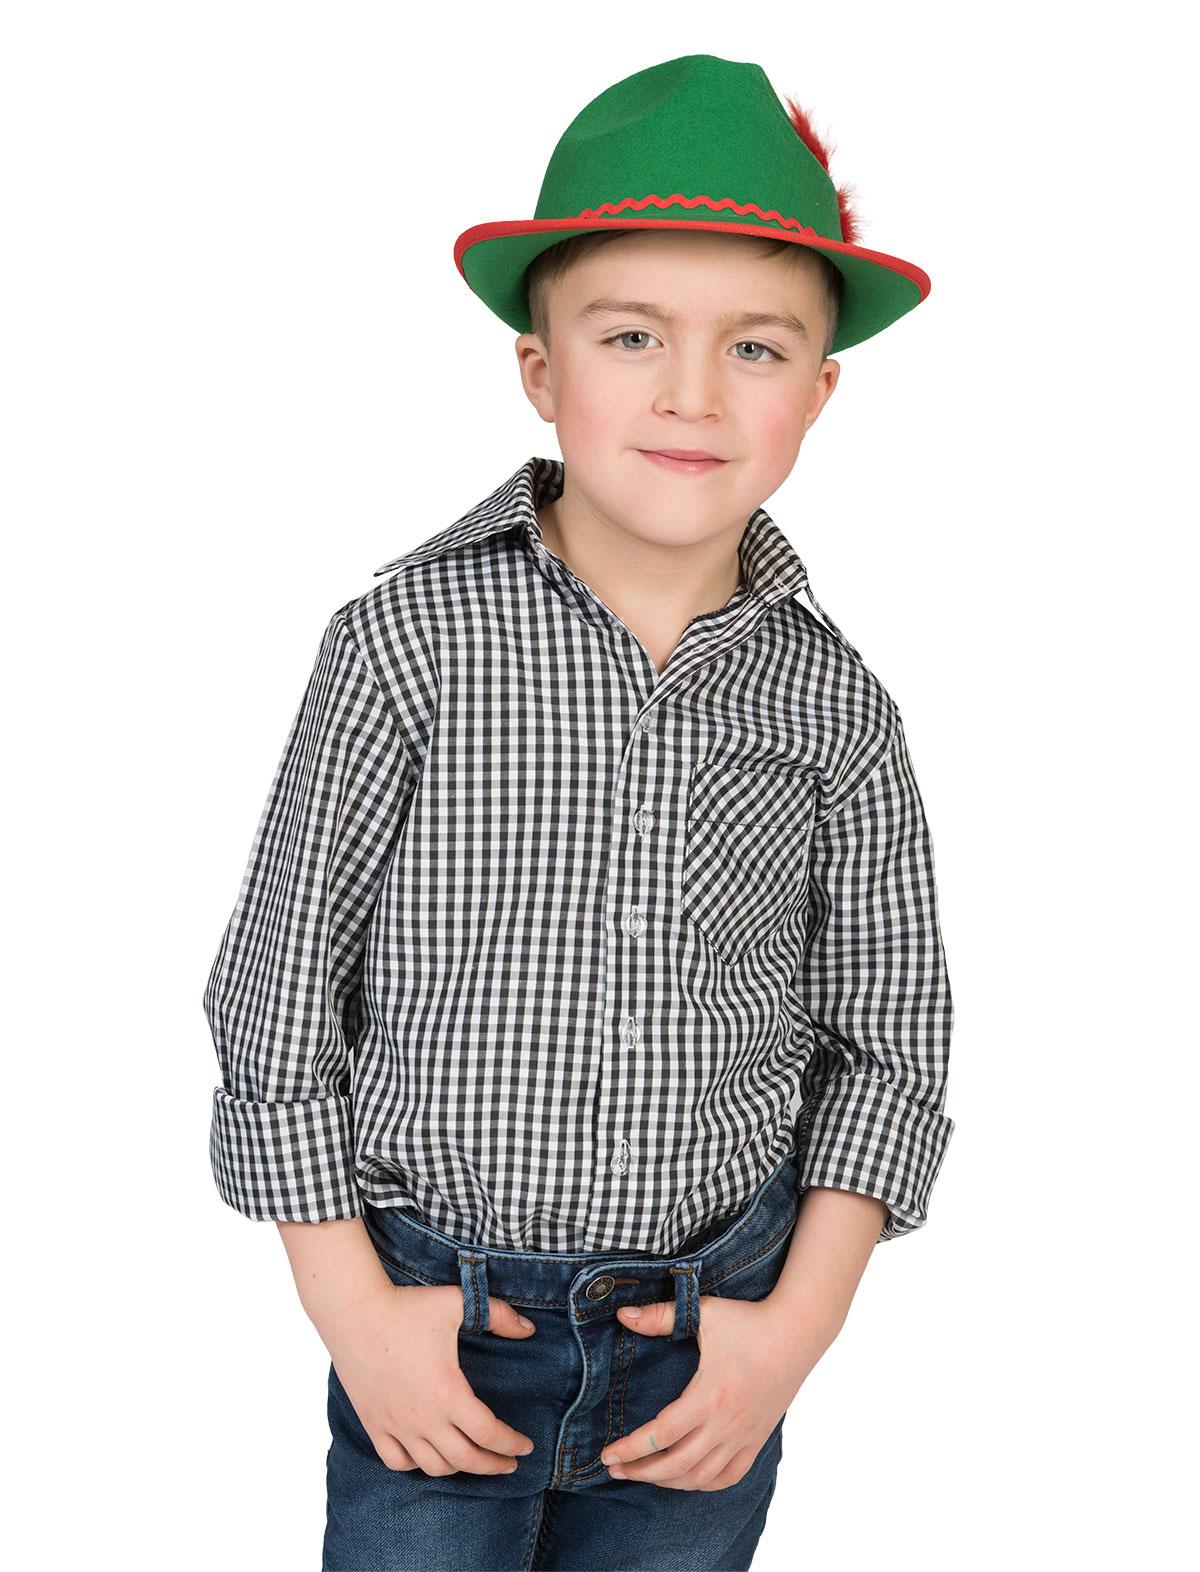 Tirolerhemd Kind schwarz/weiß